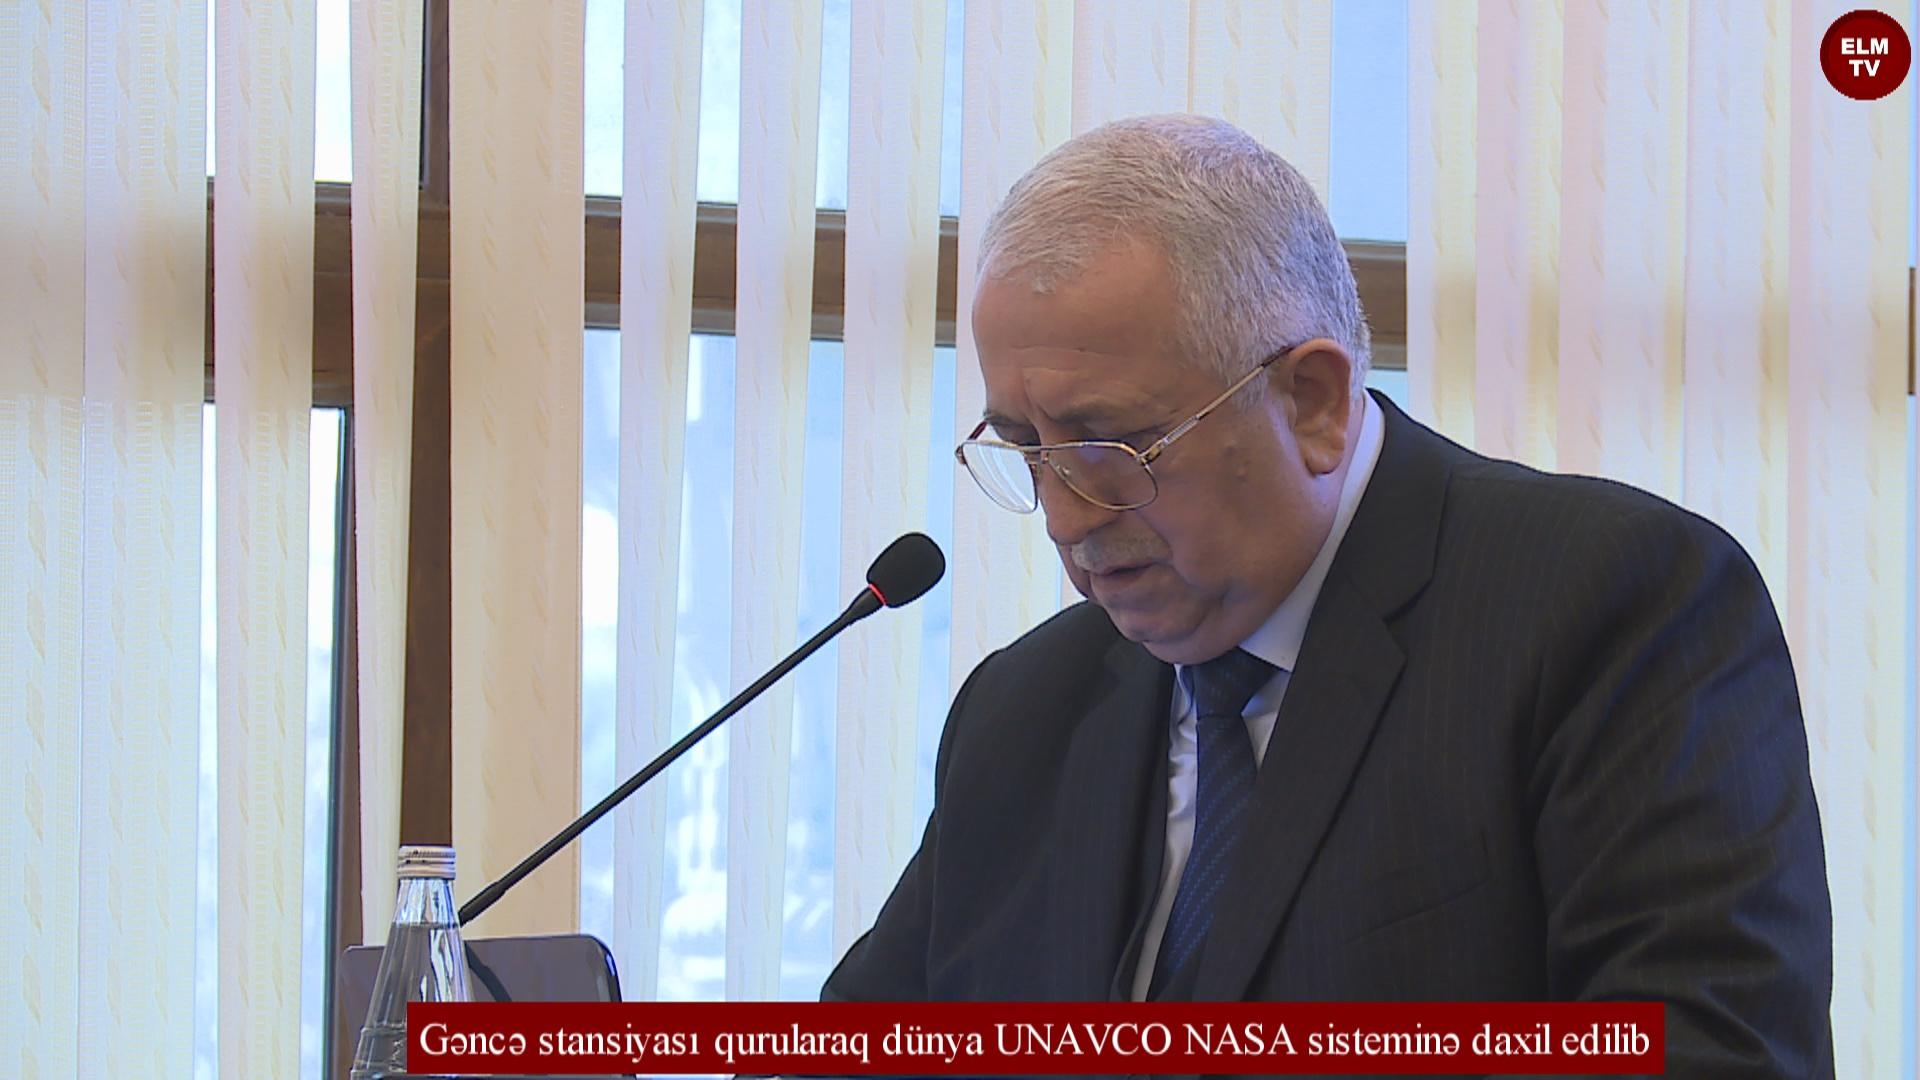 Gəncə stansiyası qurularaq dünya UNAVCO NASA sisteminə daxil edilib